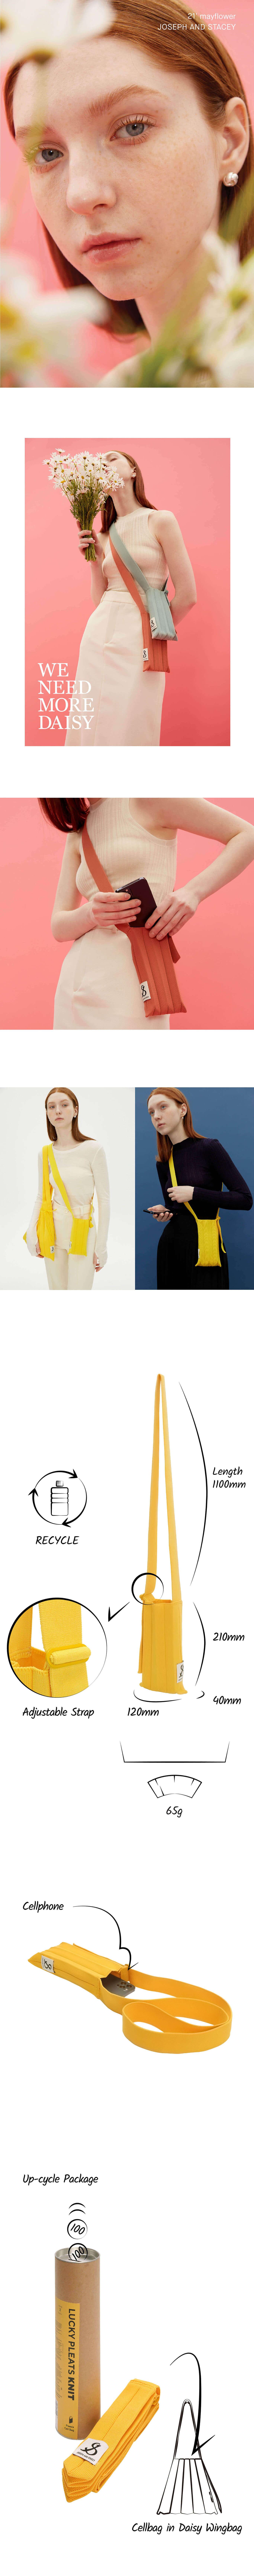 조셉앤스테이시(JOSEPH&STACEY) Lucky Pleats Knit Cellbag Freesia